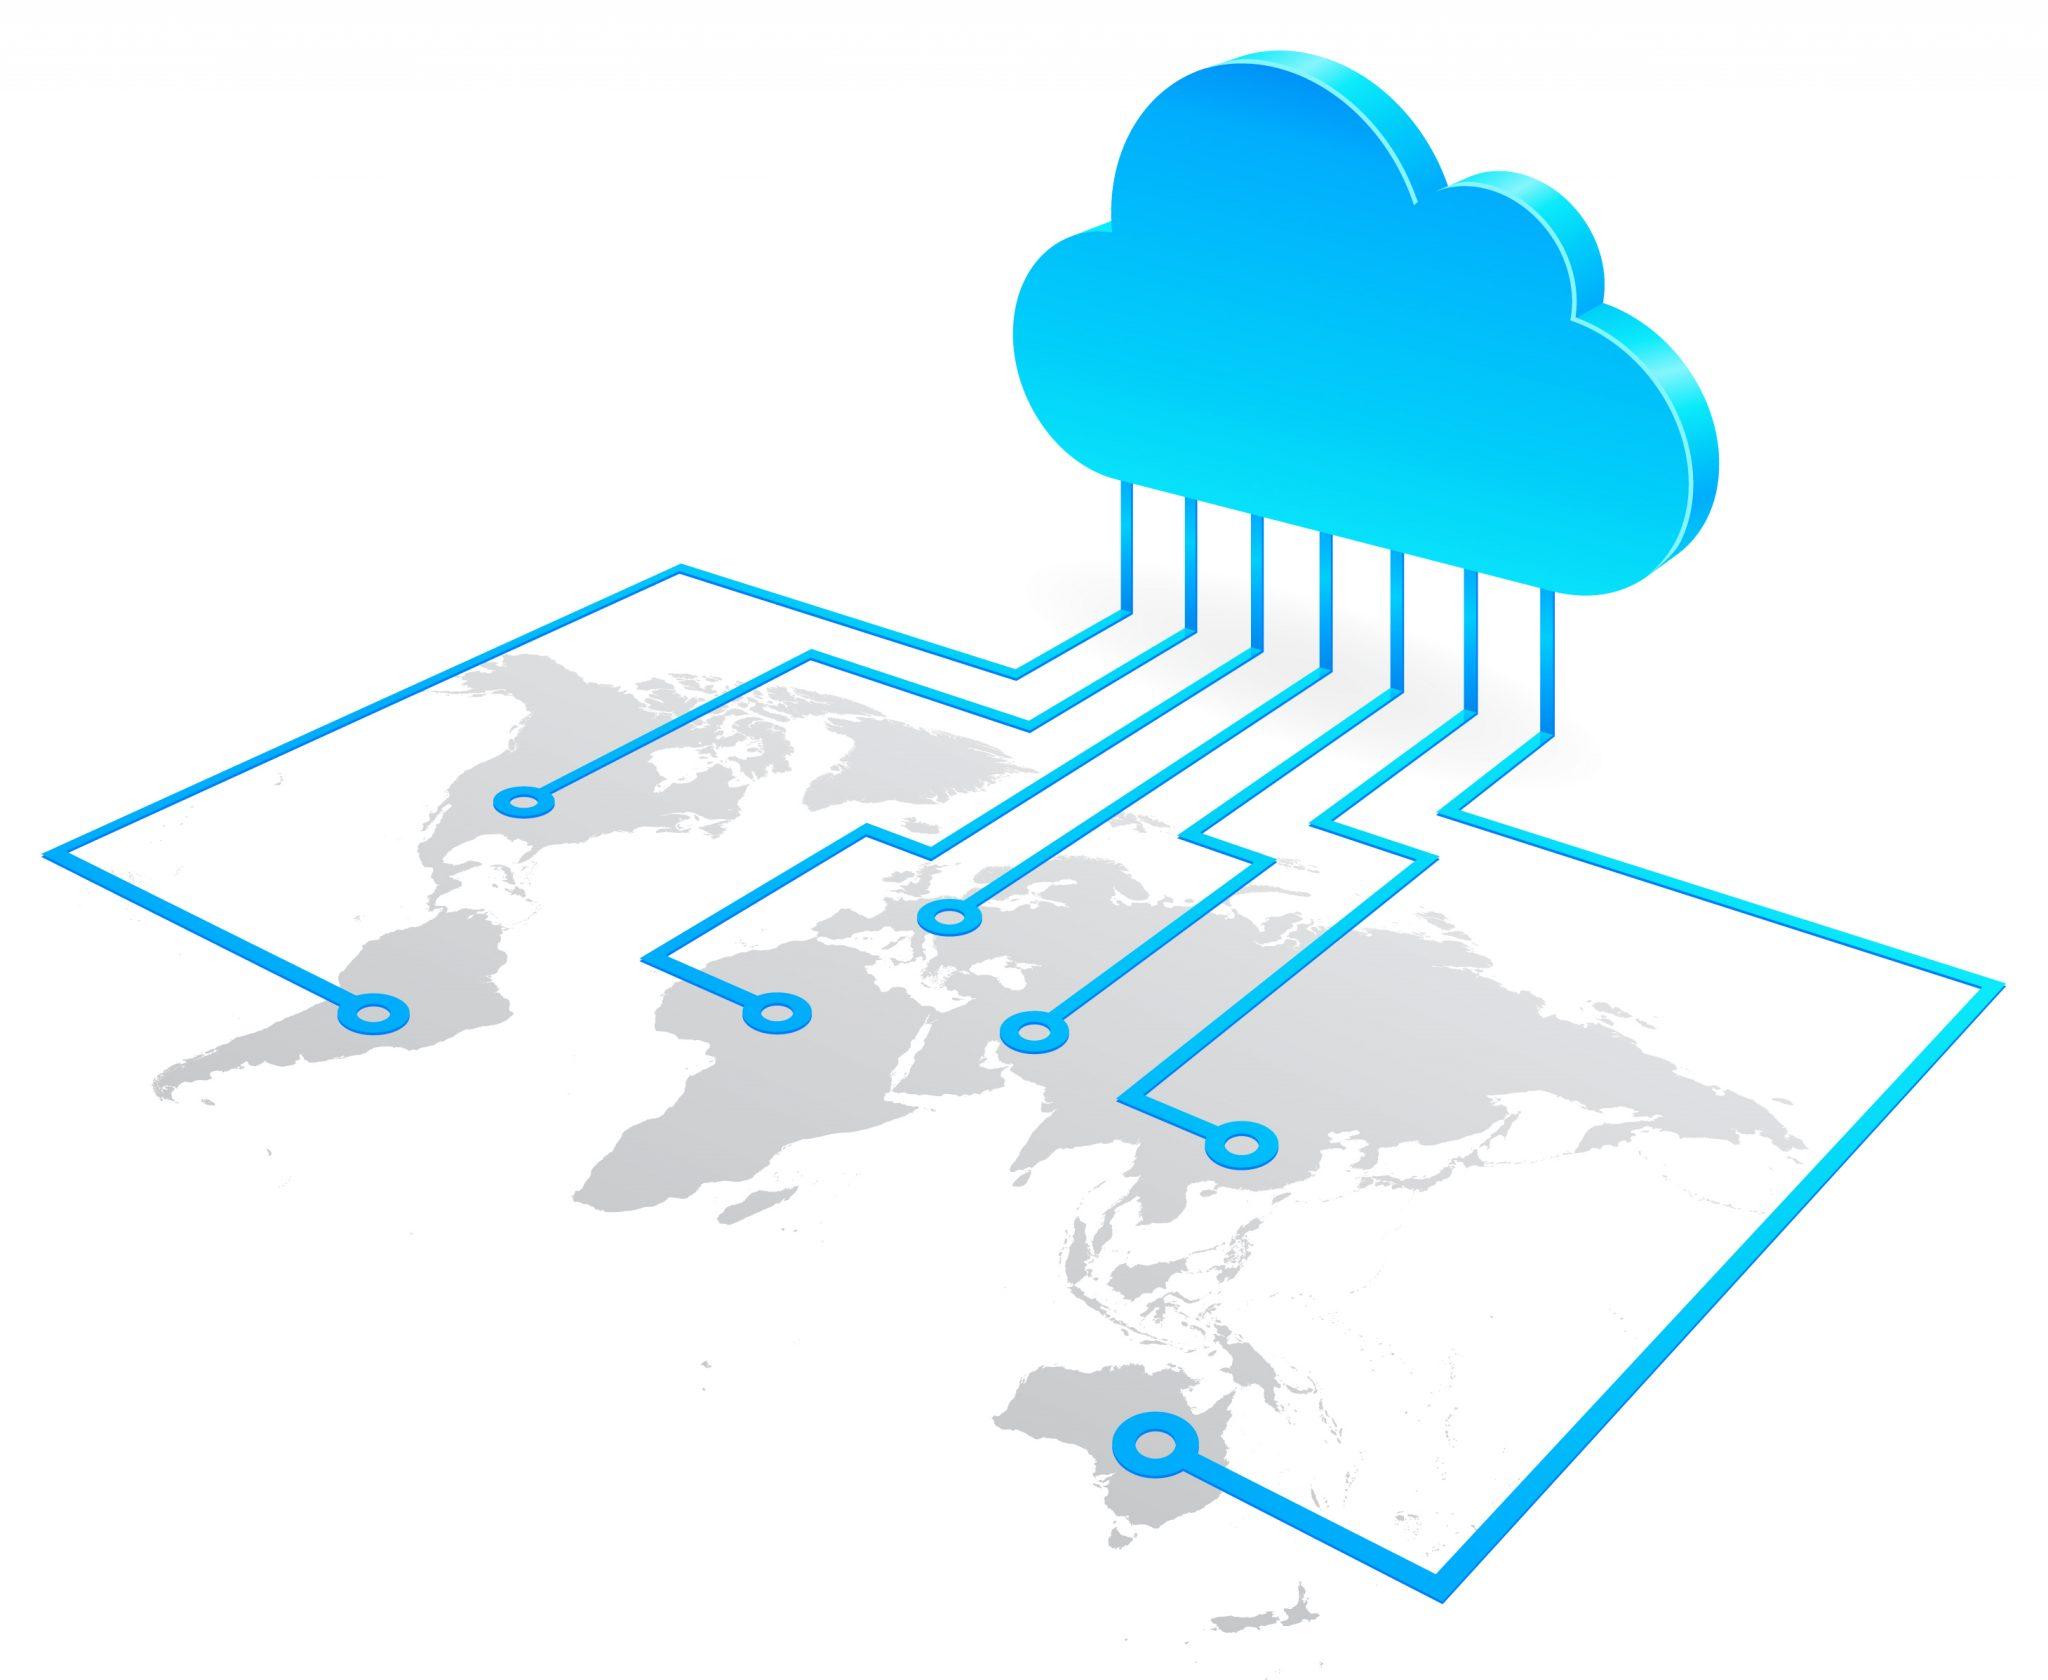 asegurar-informacion-confidencial-nube